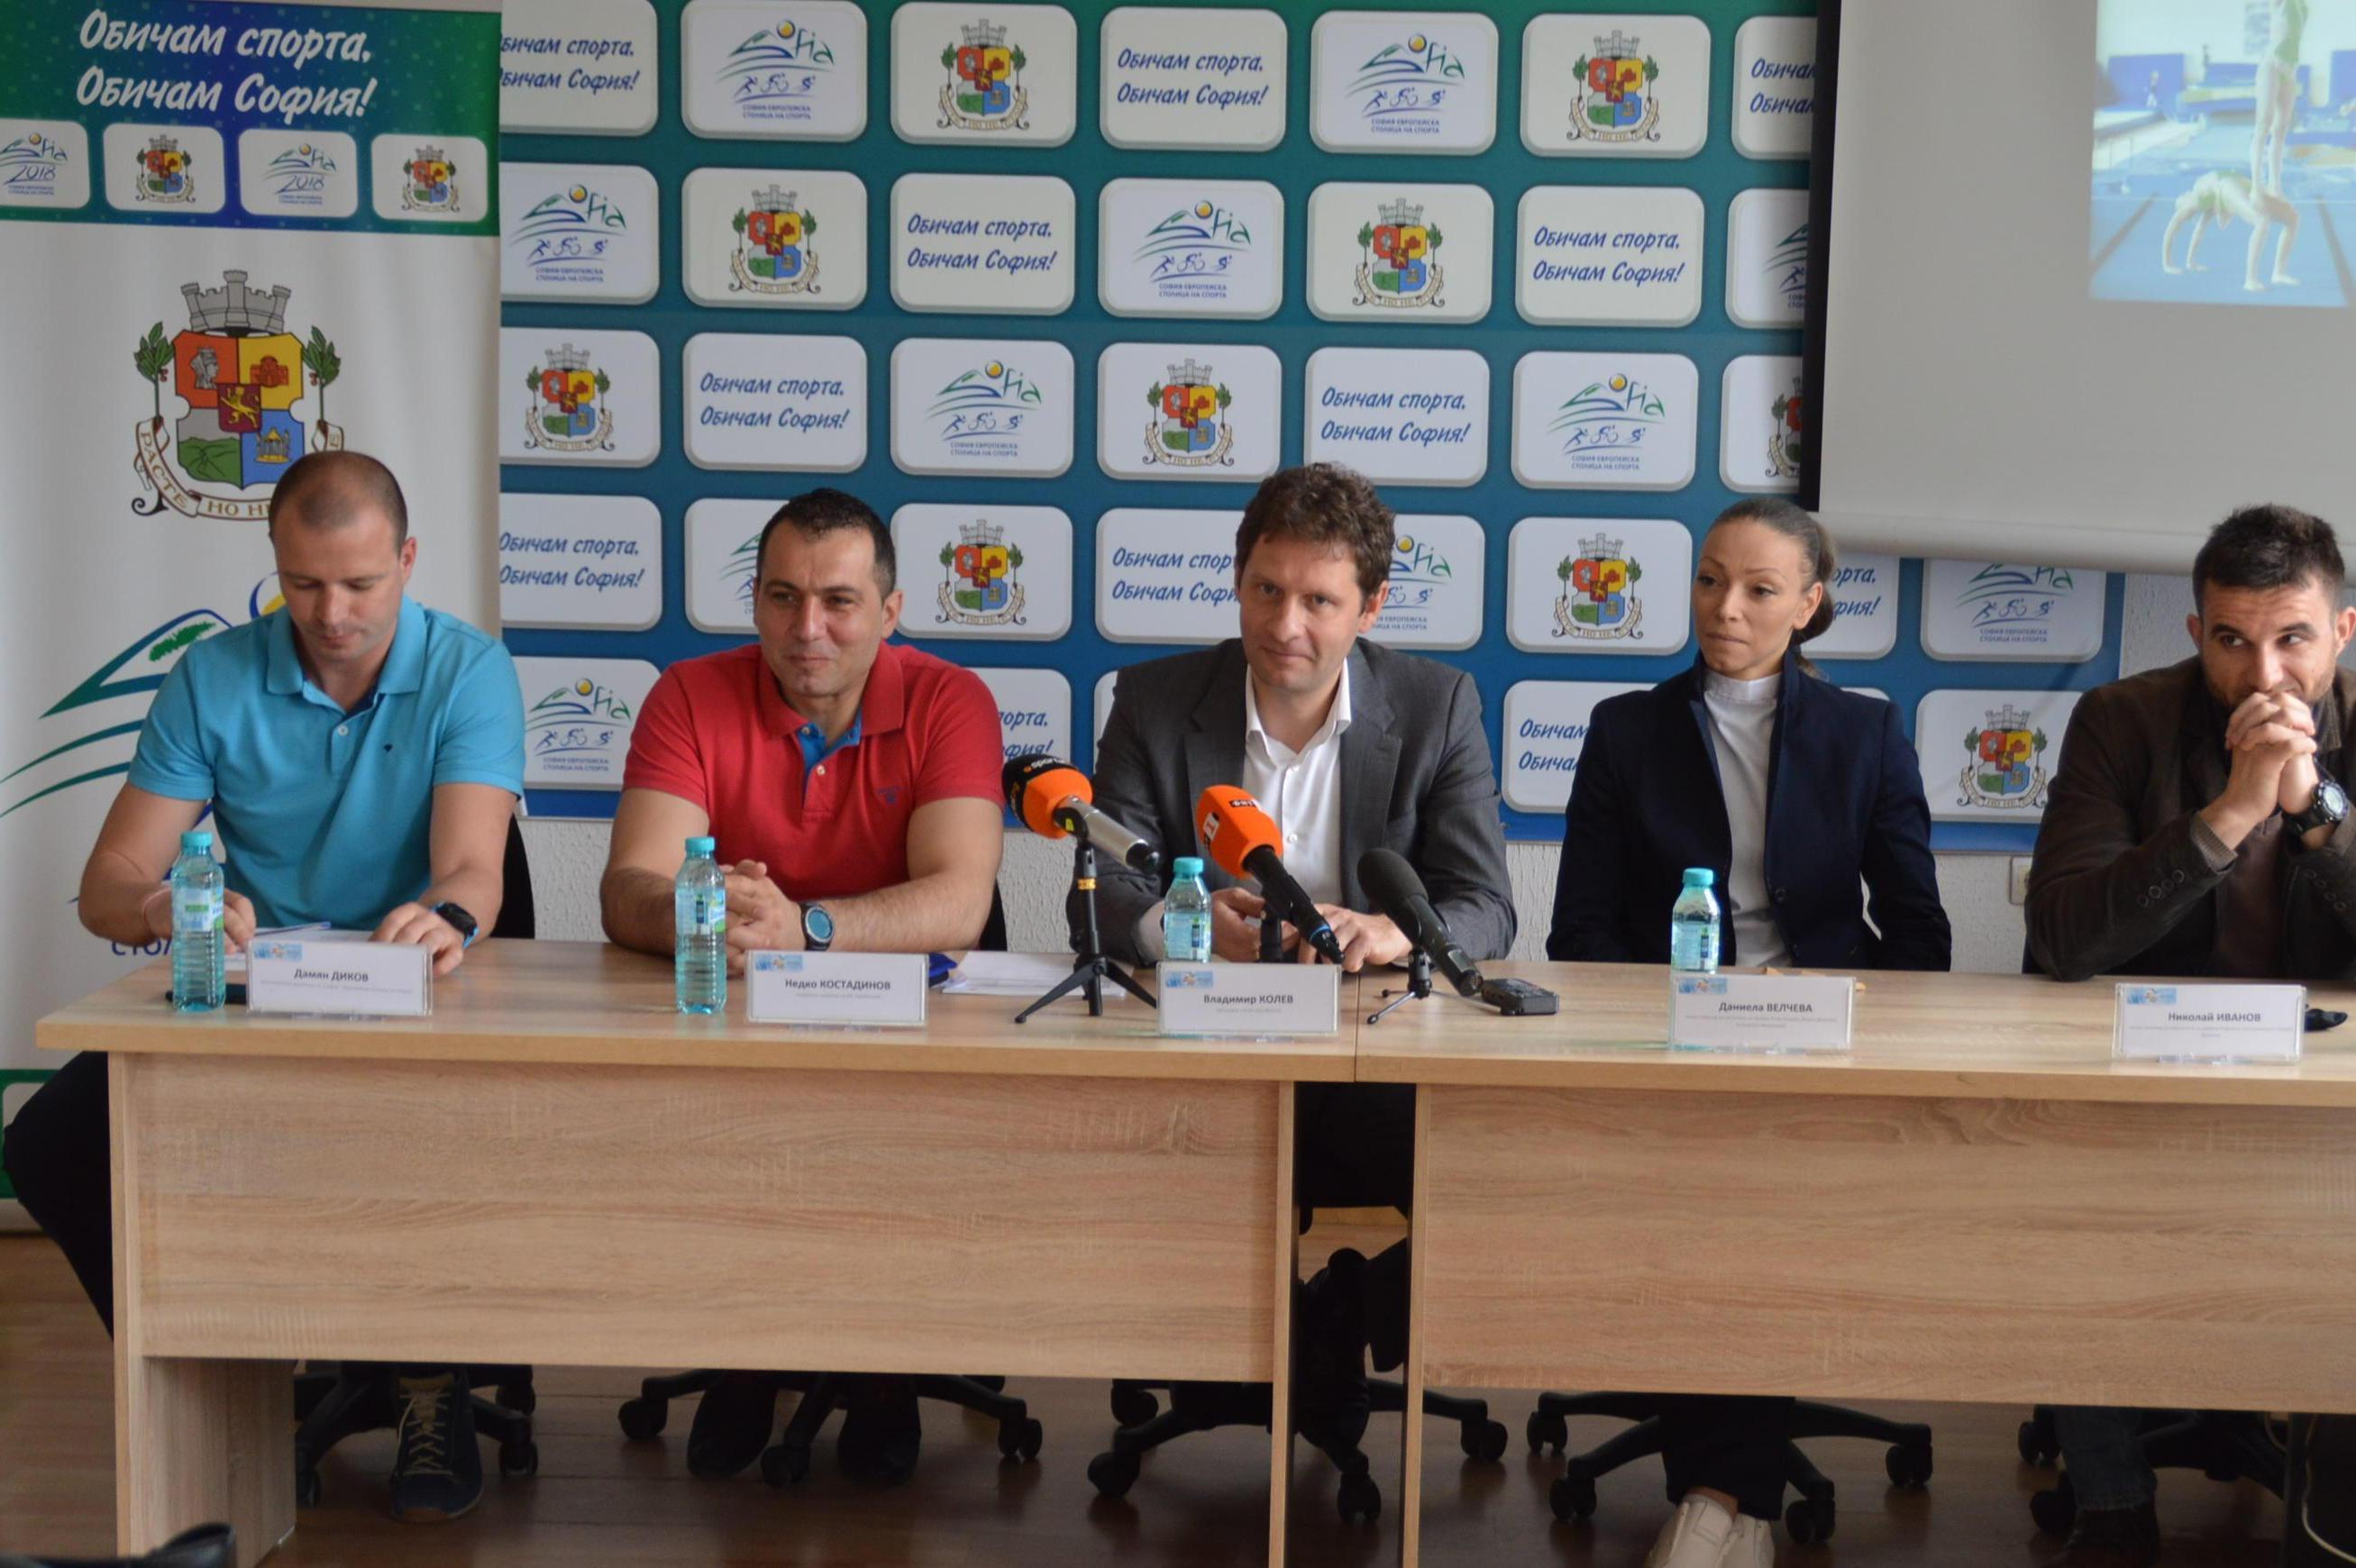 Над 300 участници от 11 държави идват в София за Световната купа по акробат